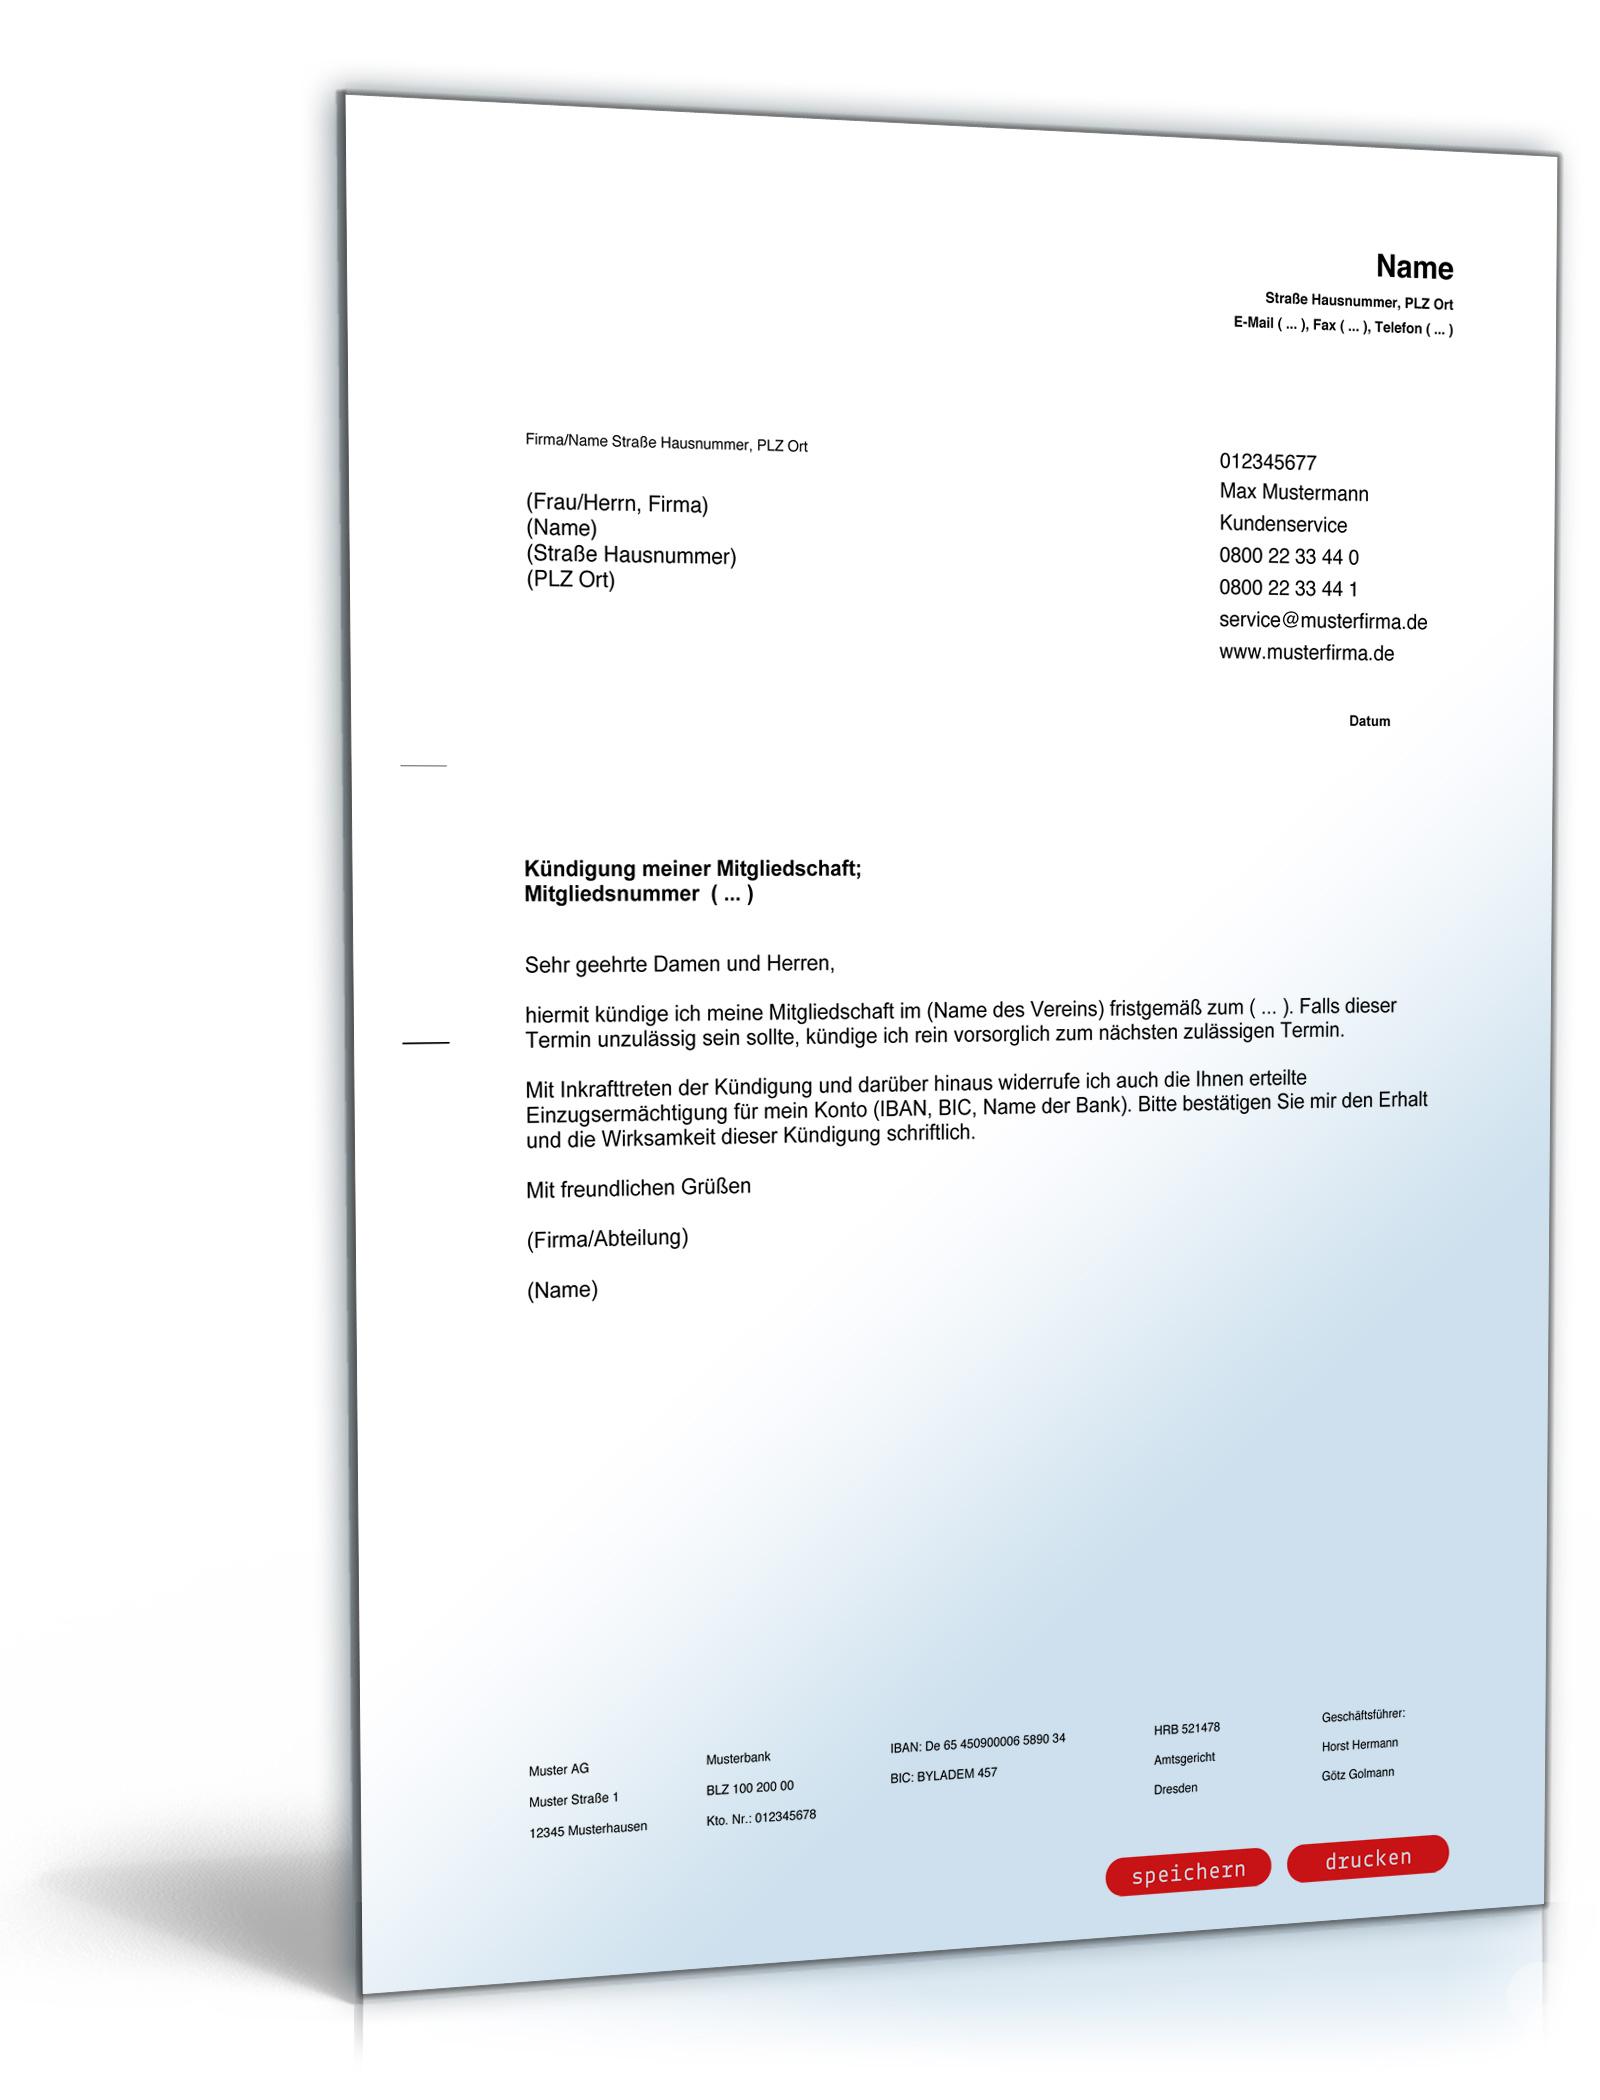 Kündigung Mitgliedschaft Verein [PDF Download] [Download]